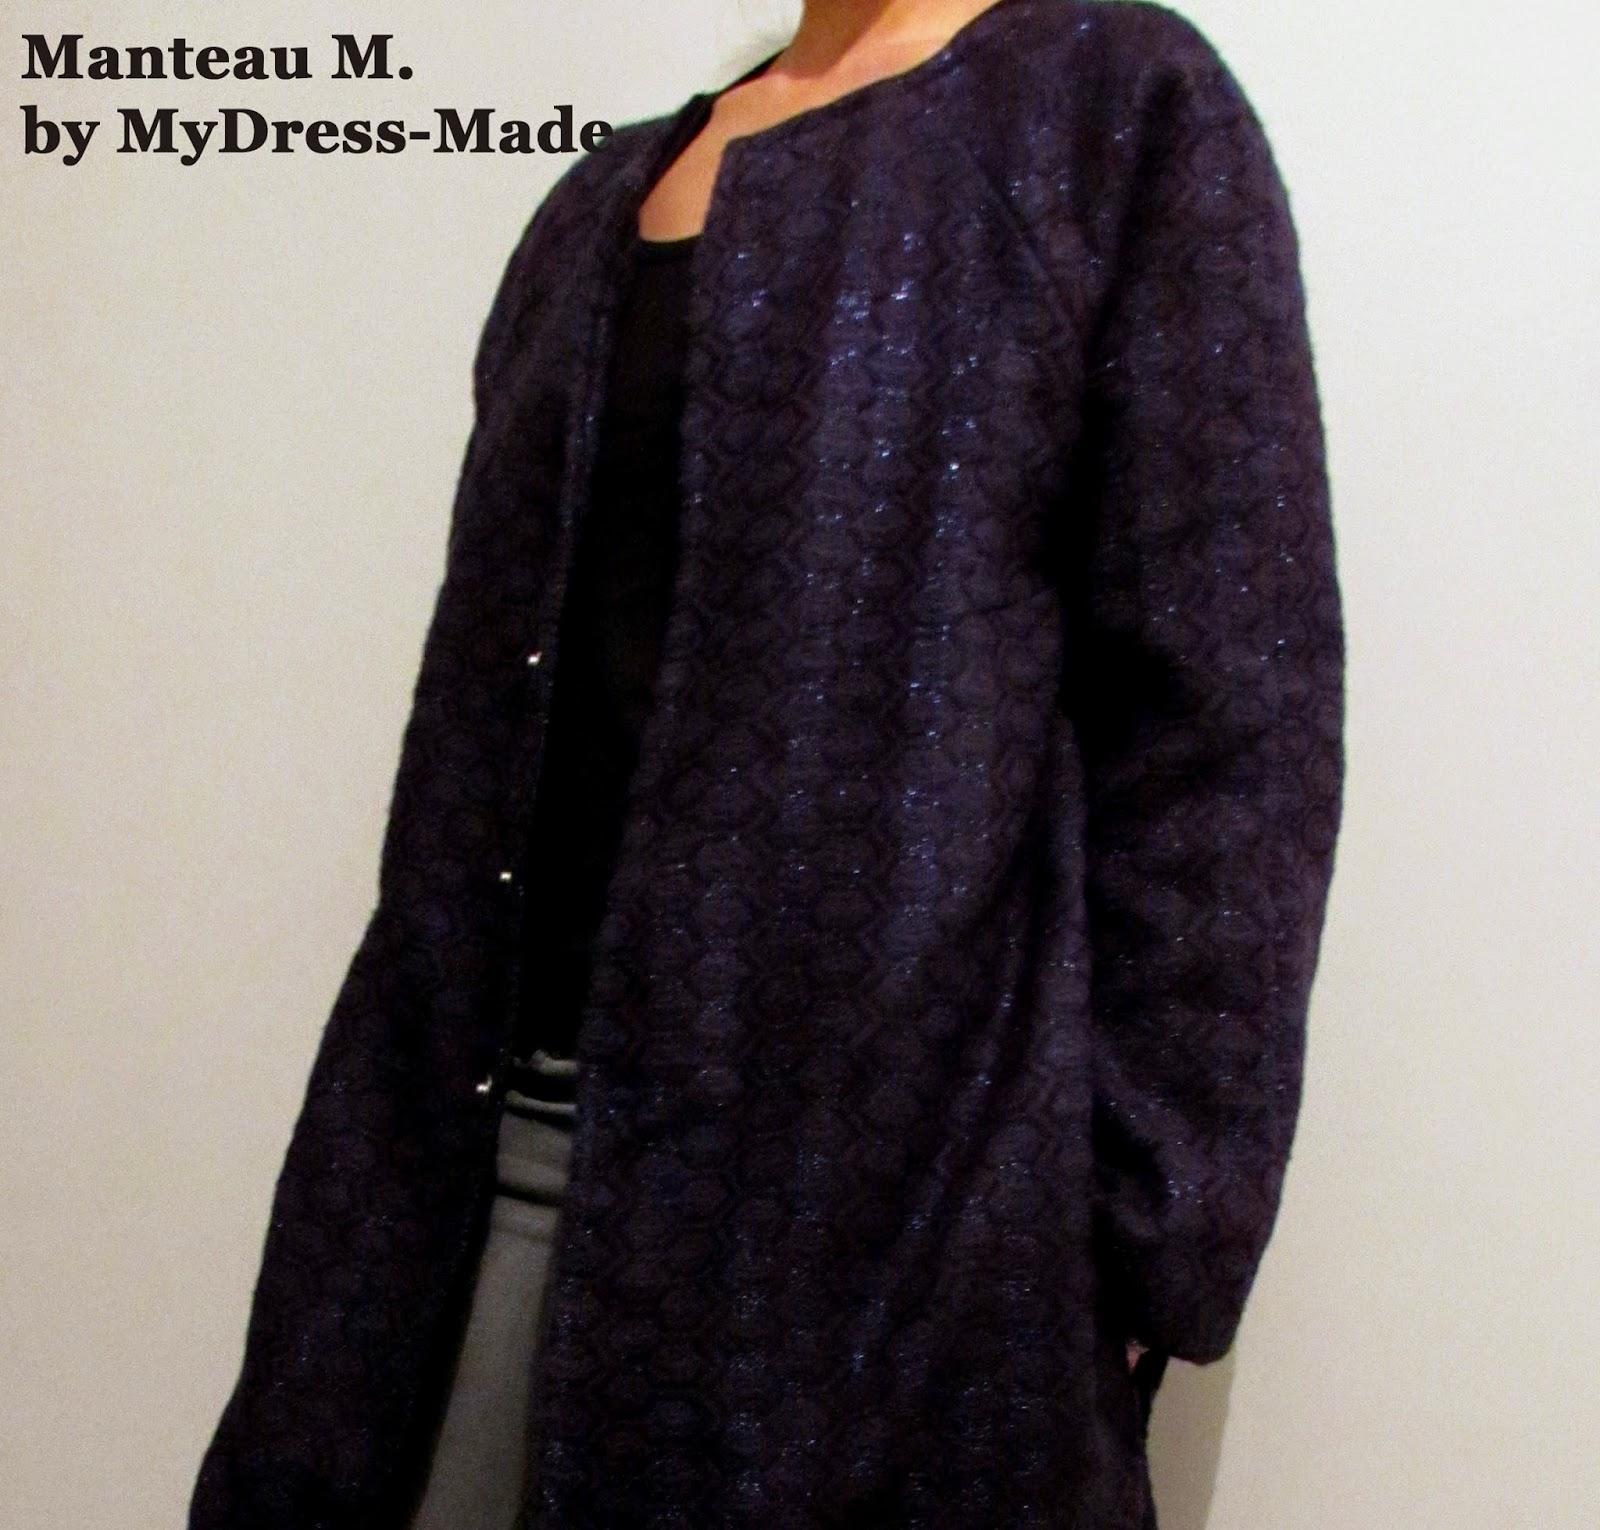 MANTEAU M. : Spéciale dédicace pour ma maman